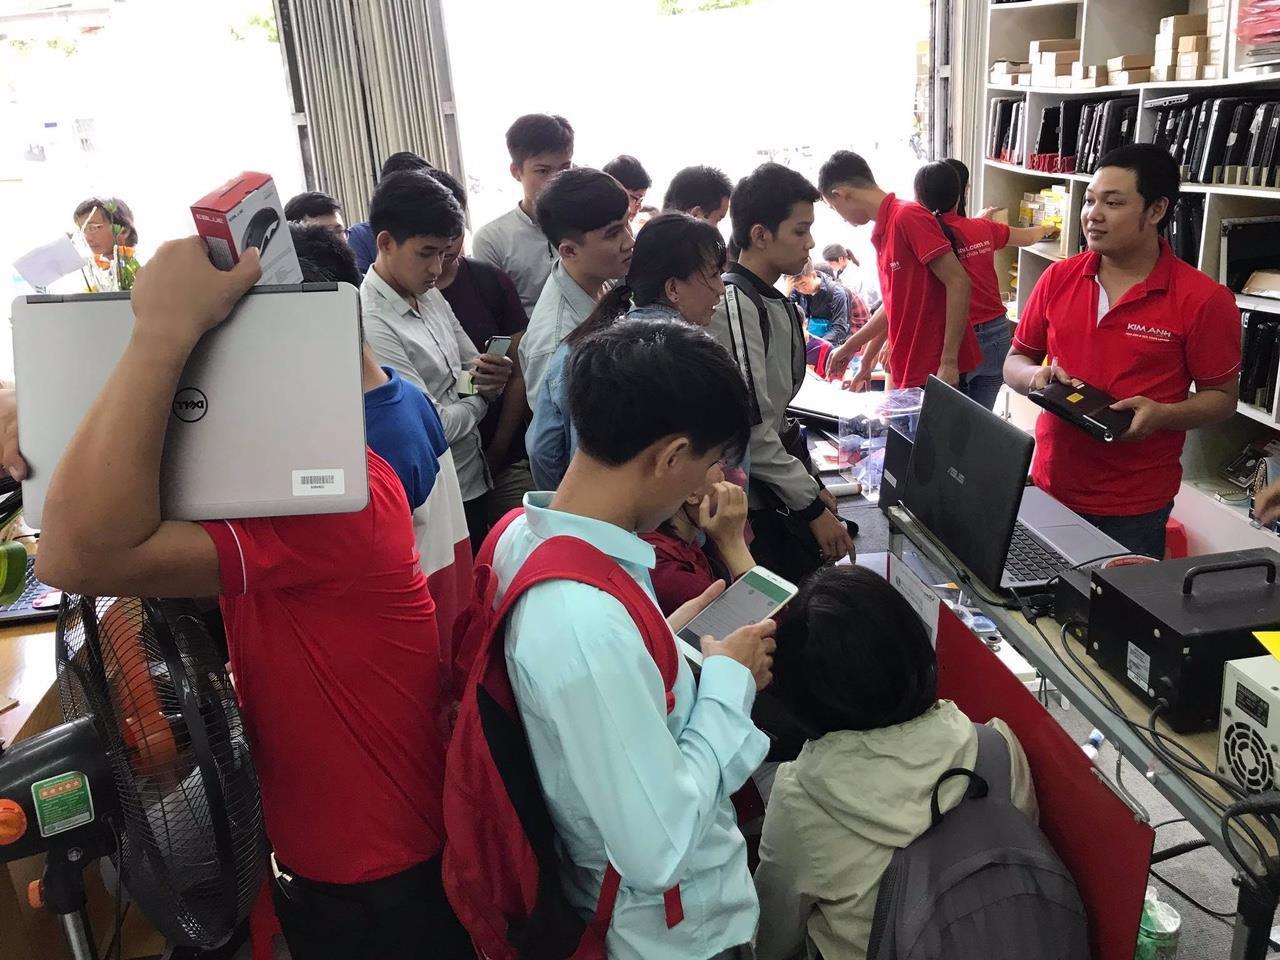 Kim Anh Computer - Địa chỉ sửa chữa Laptop uy tín hàng đầu tại Đà Nẵng - Ảnh 2.